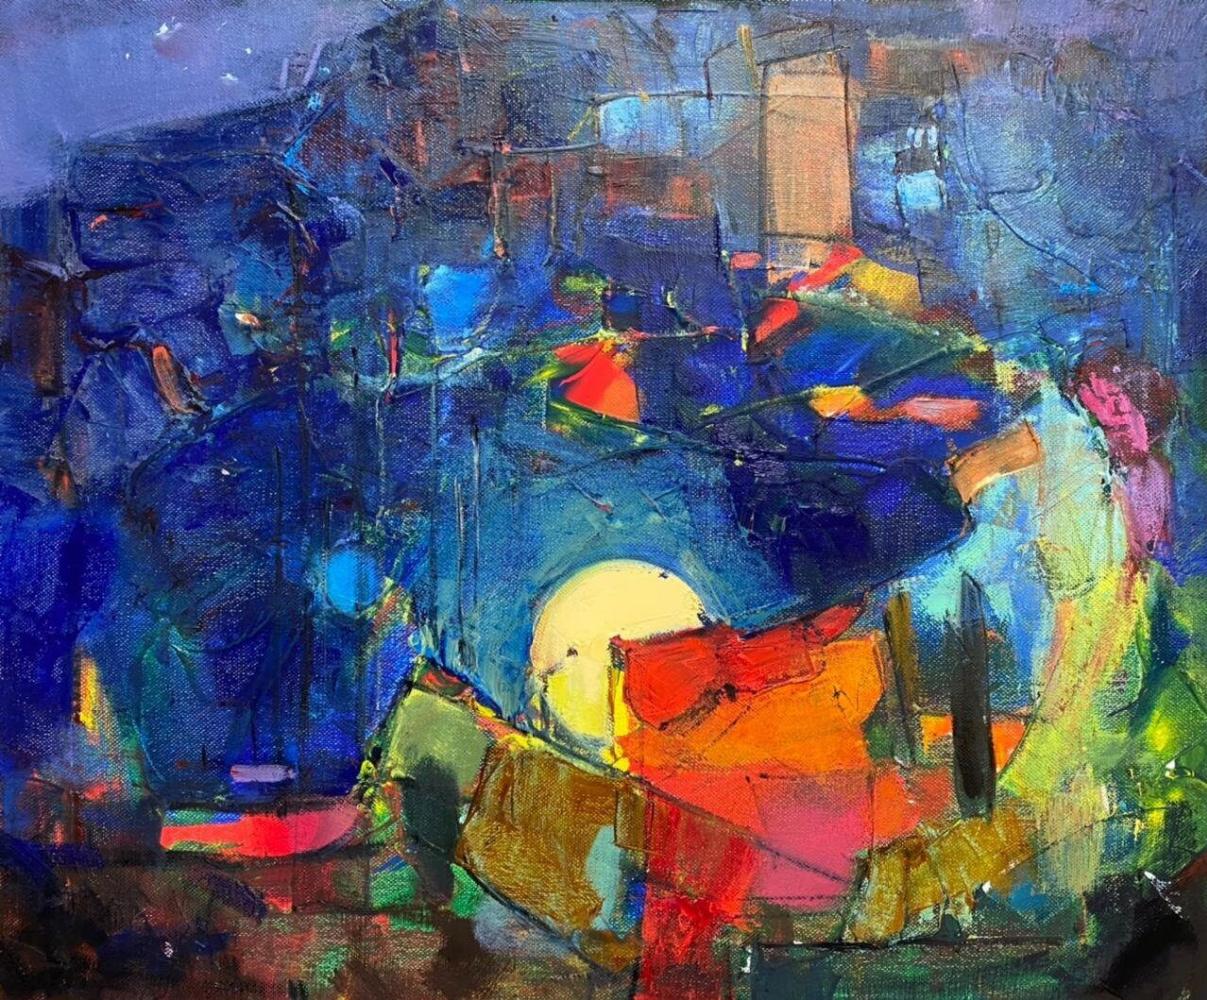 Marina Vladimirovna Berezina. Artists have dreams